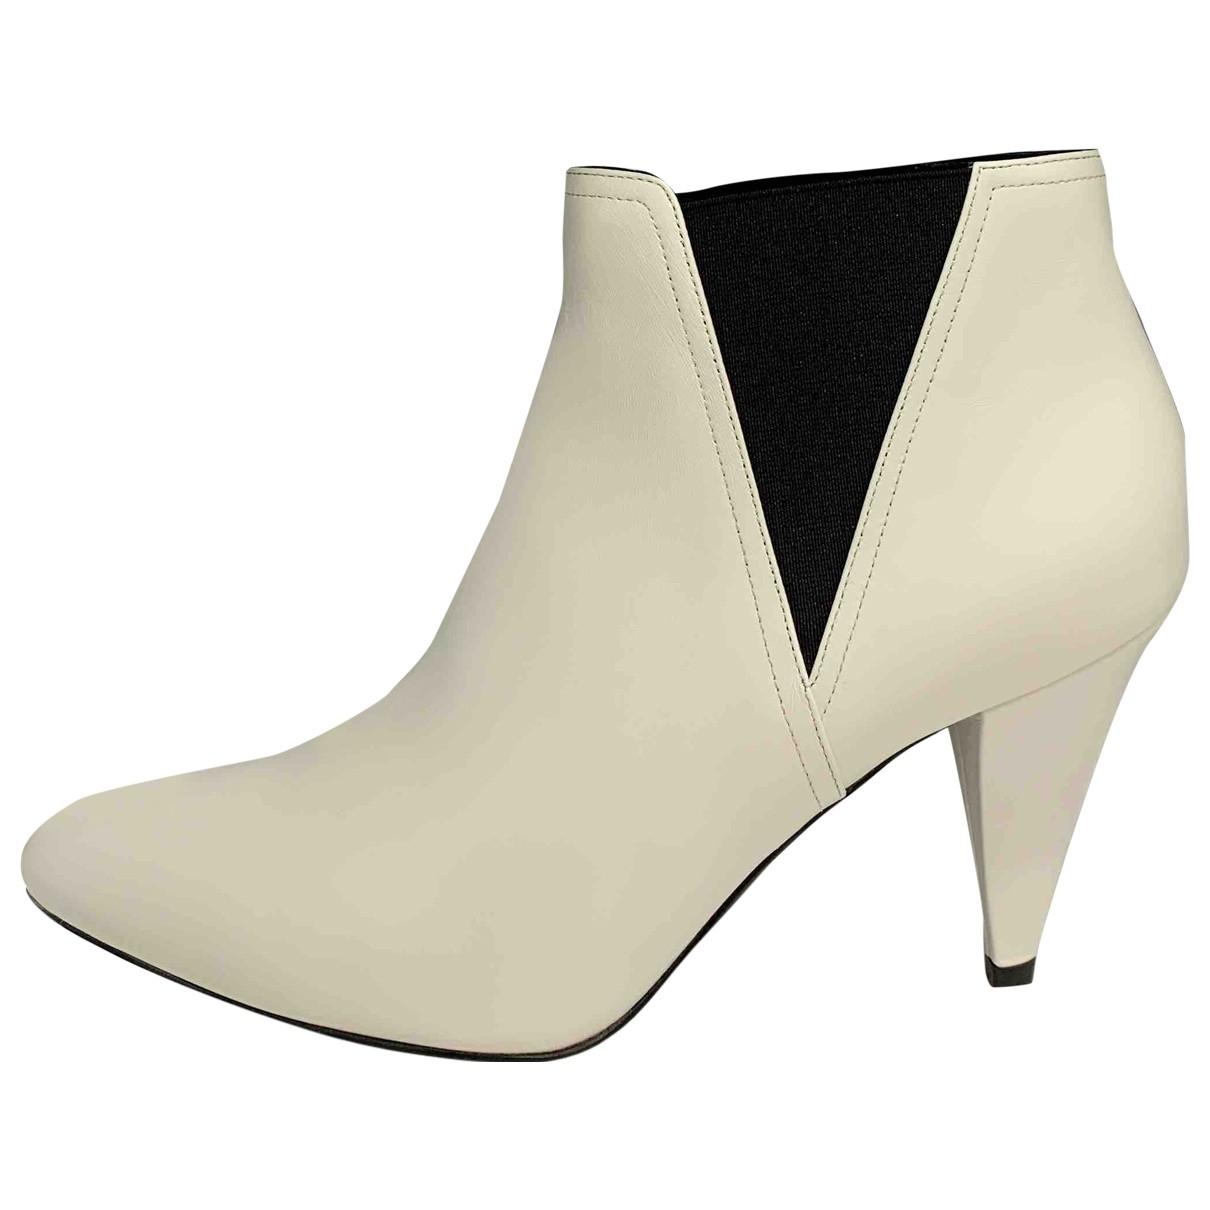 Celine - Boots   pour femme en cuir - blanc